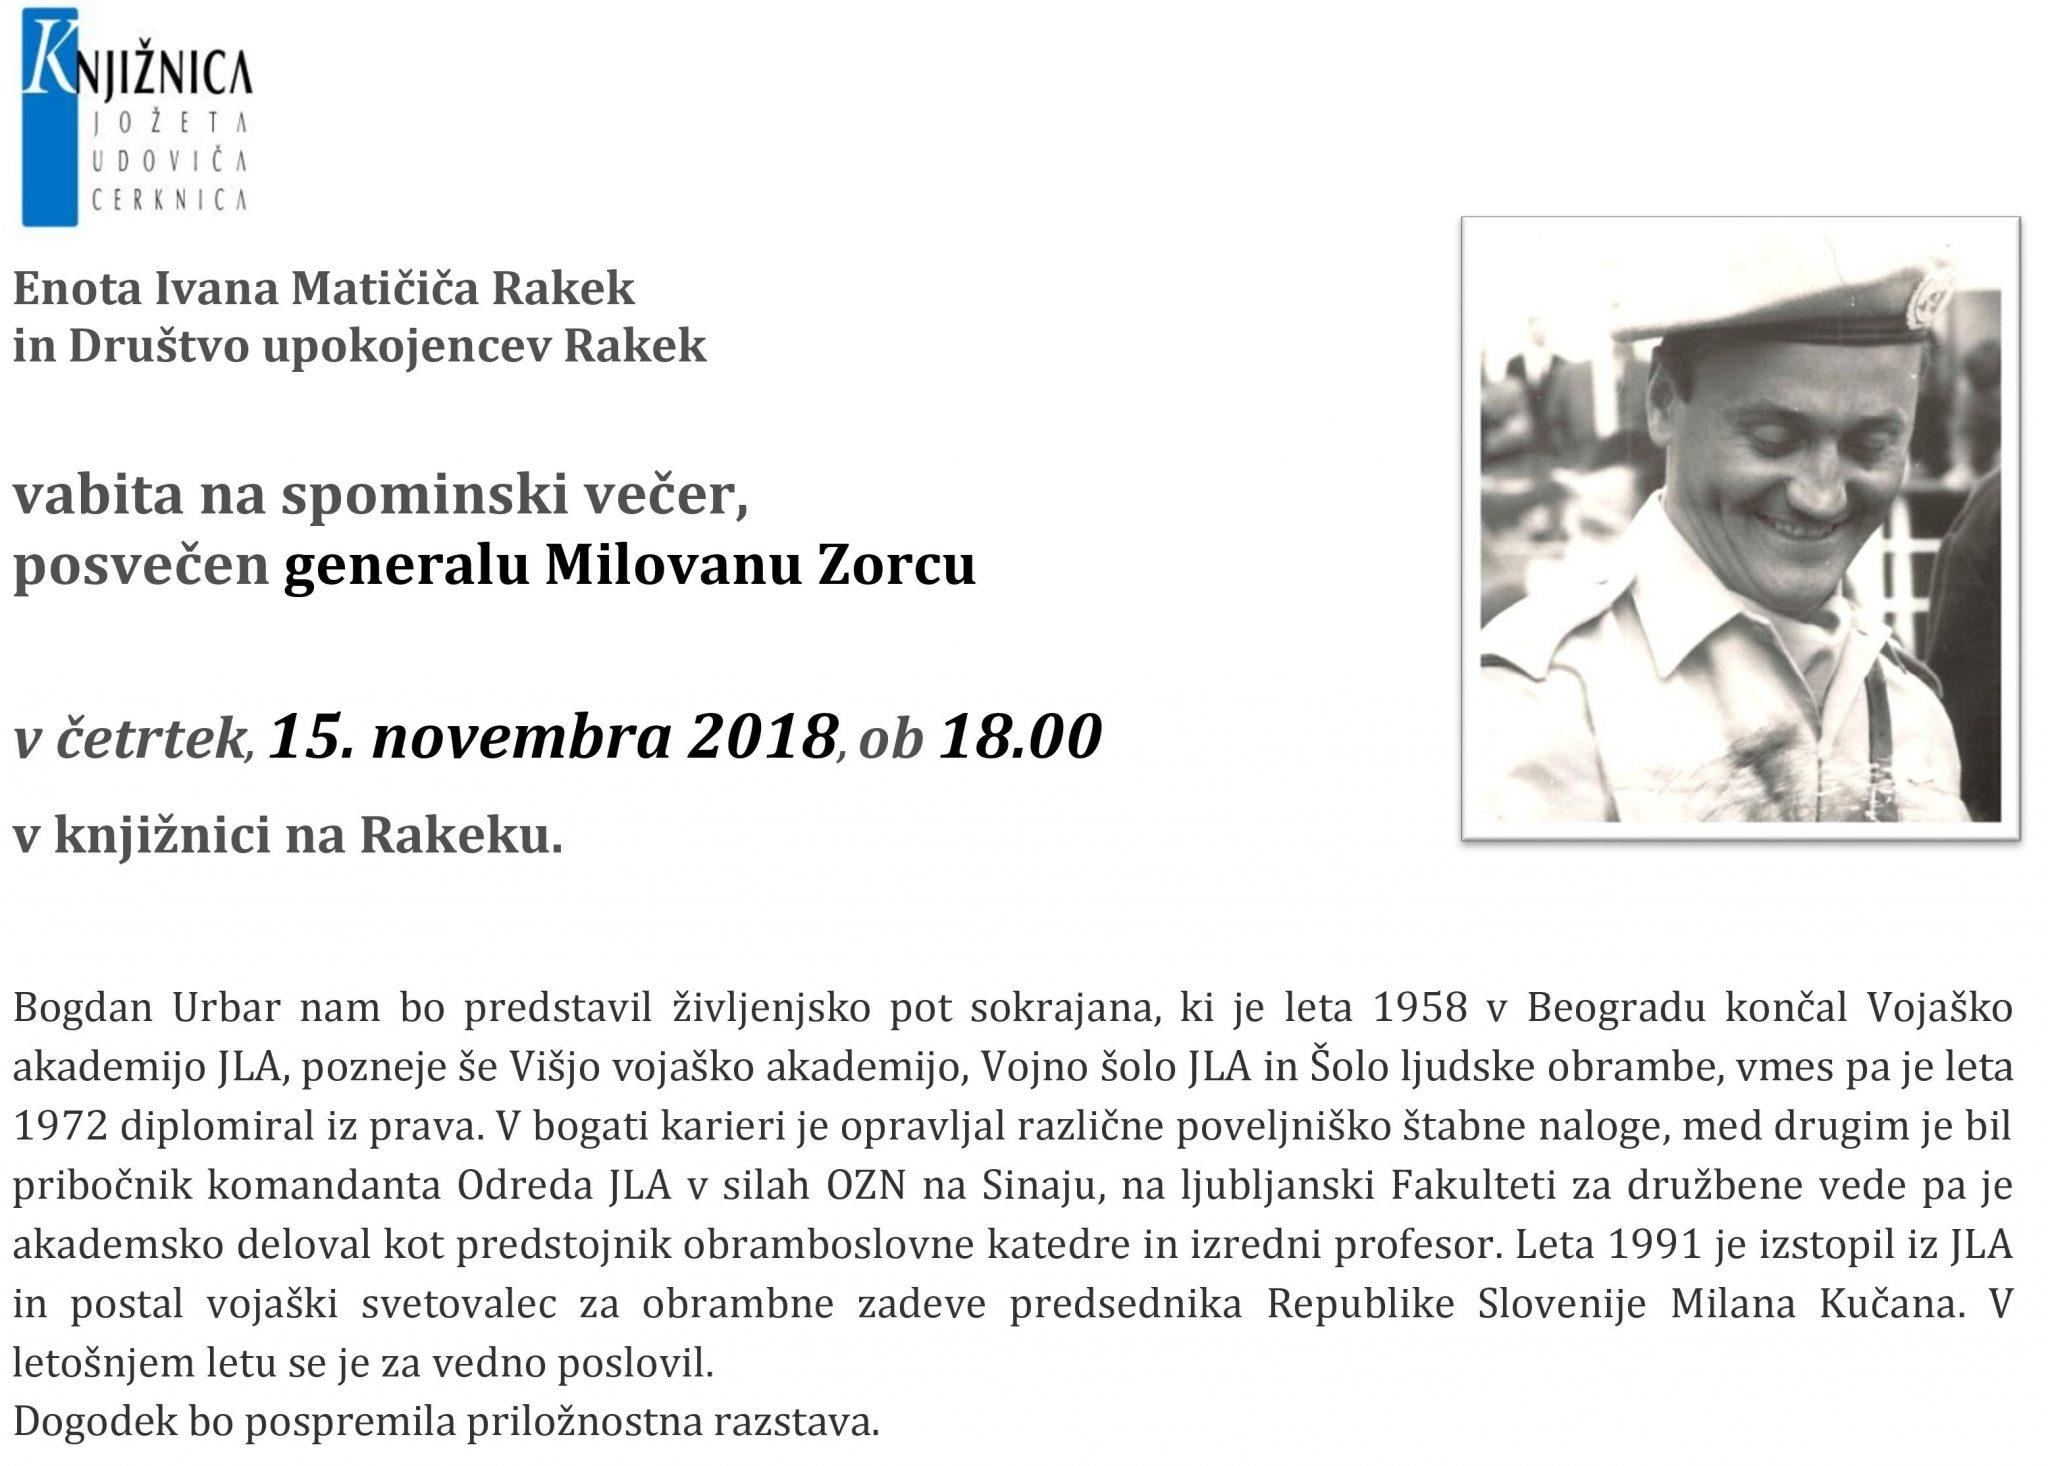 cover 10 - Spominski večer posvečen generalu Milovanu Zorcu